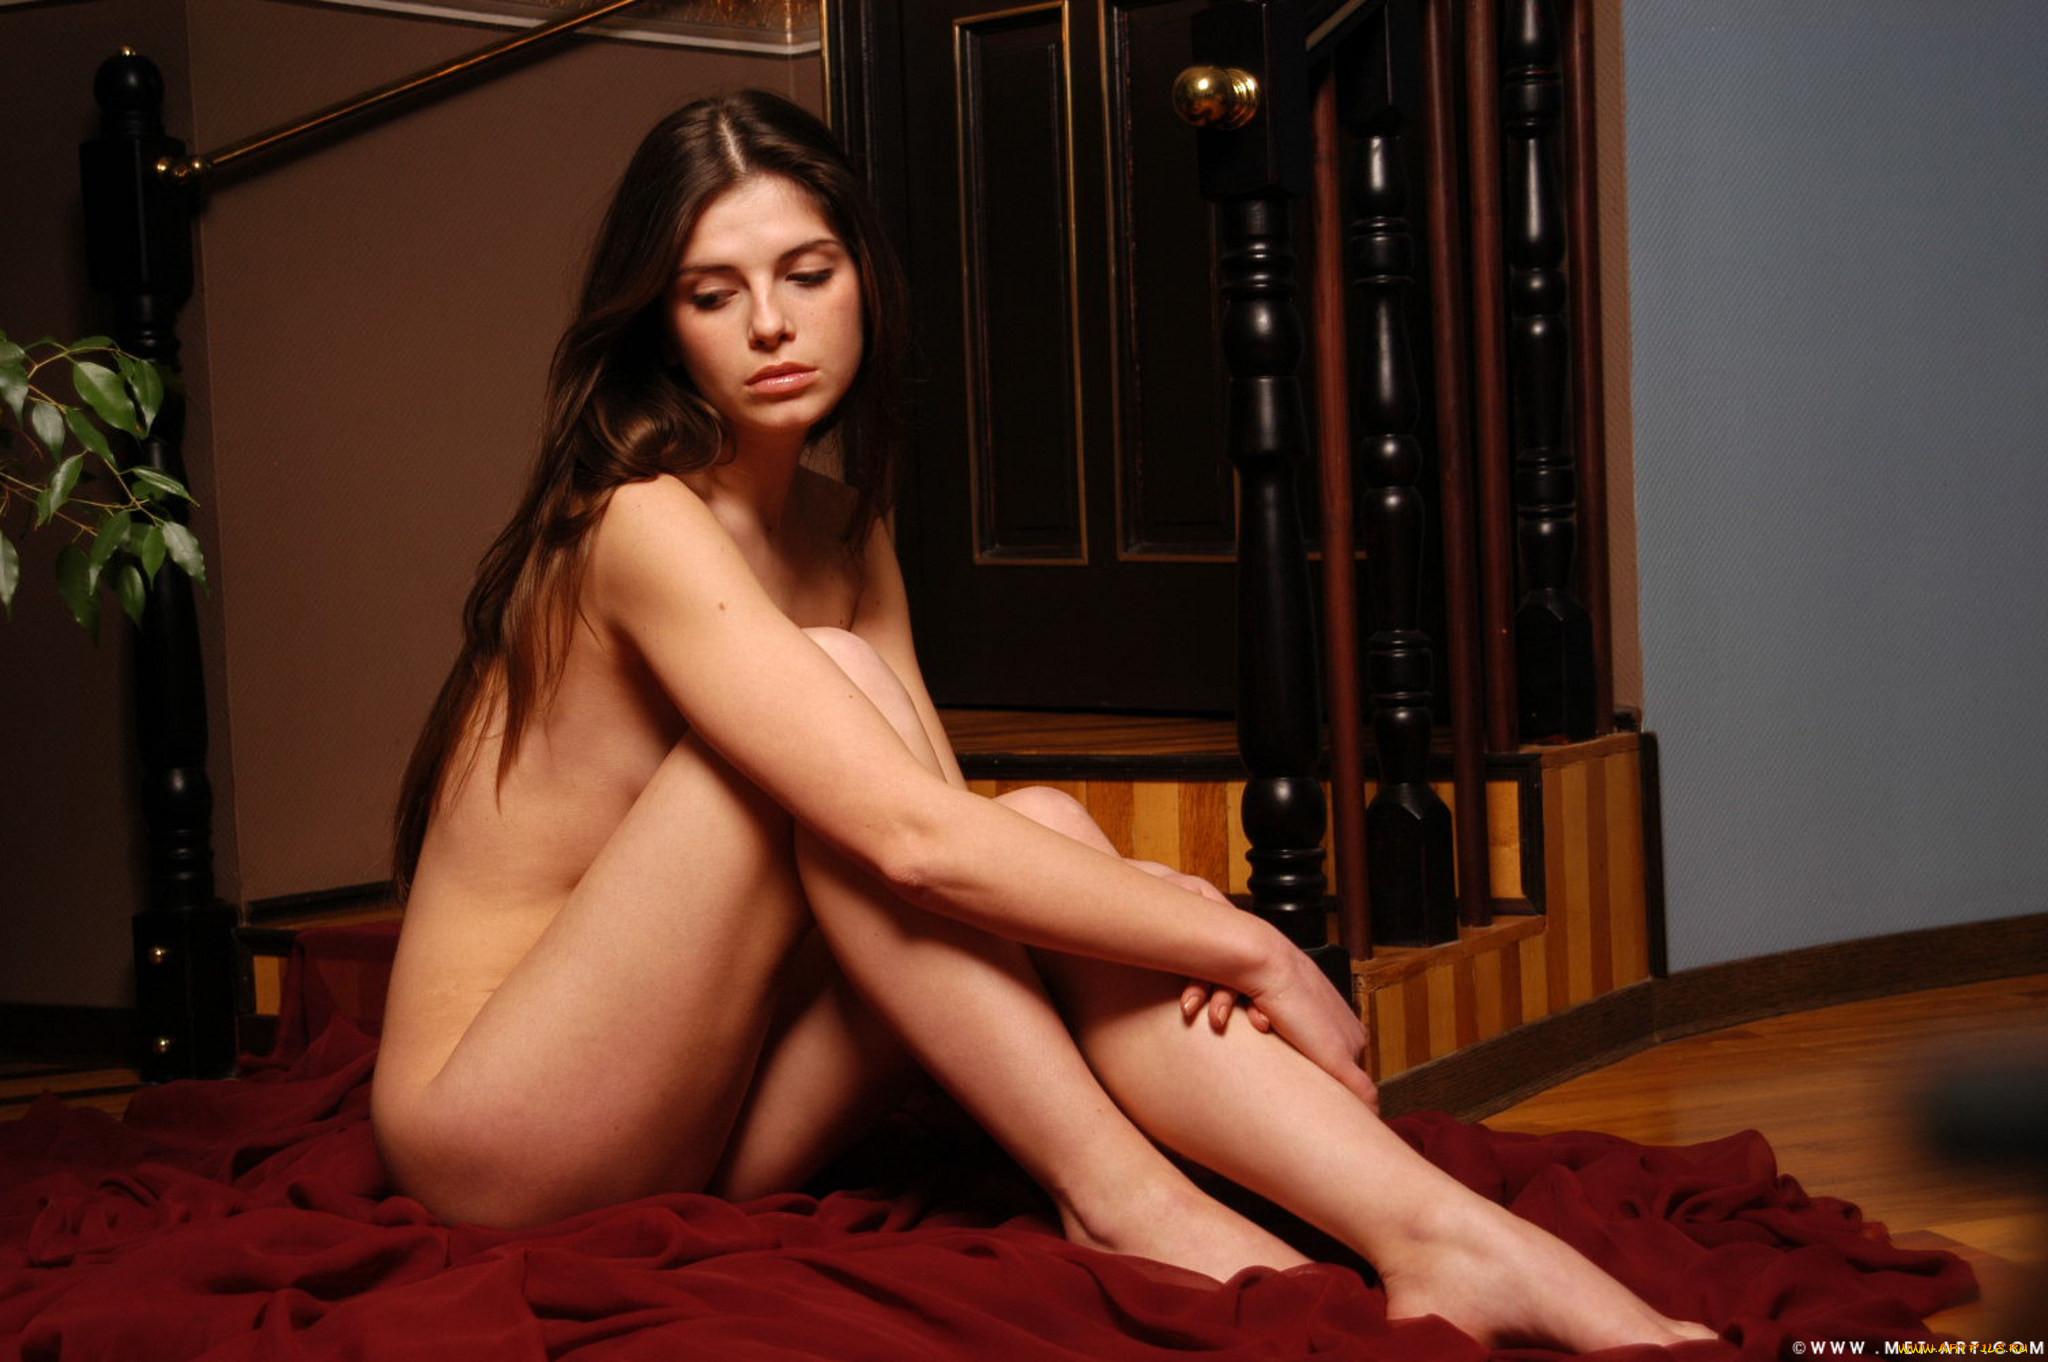 Юлия зимина порно фото - Онлайн 18+ для самых заядлых фанатов секса